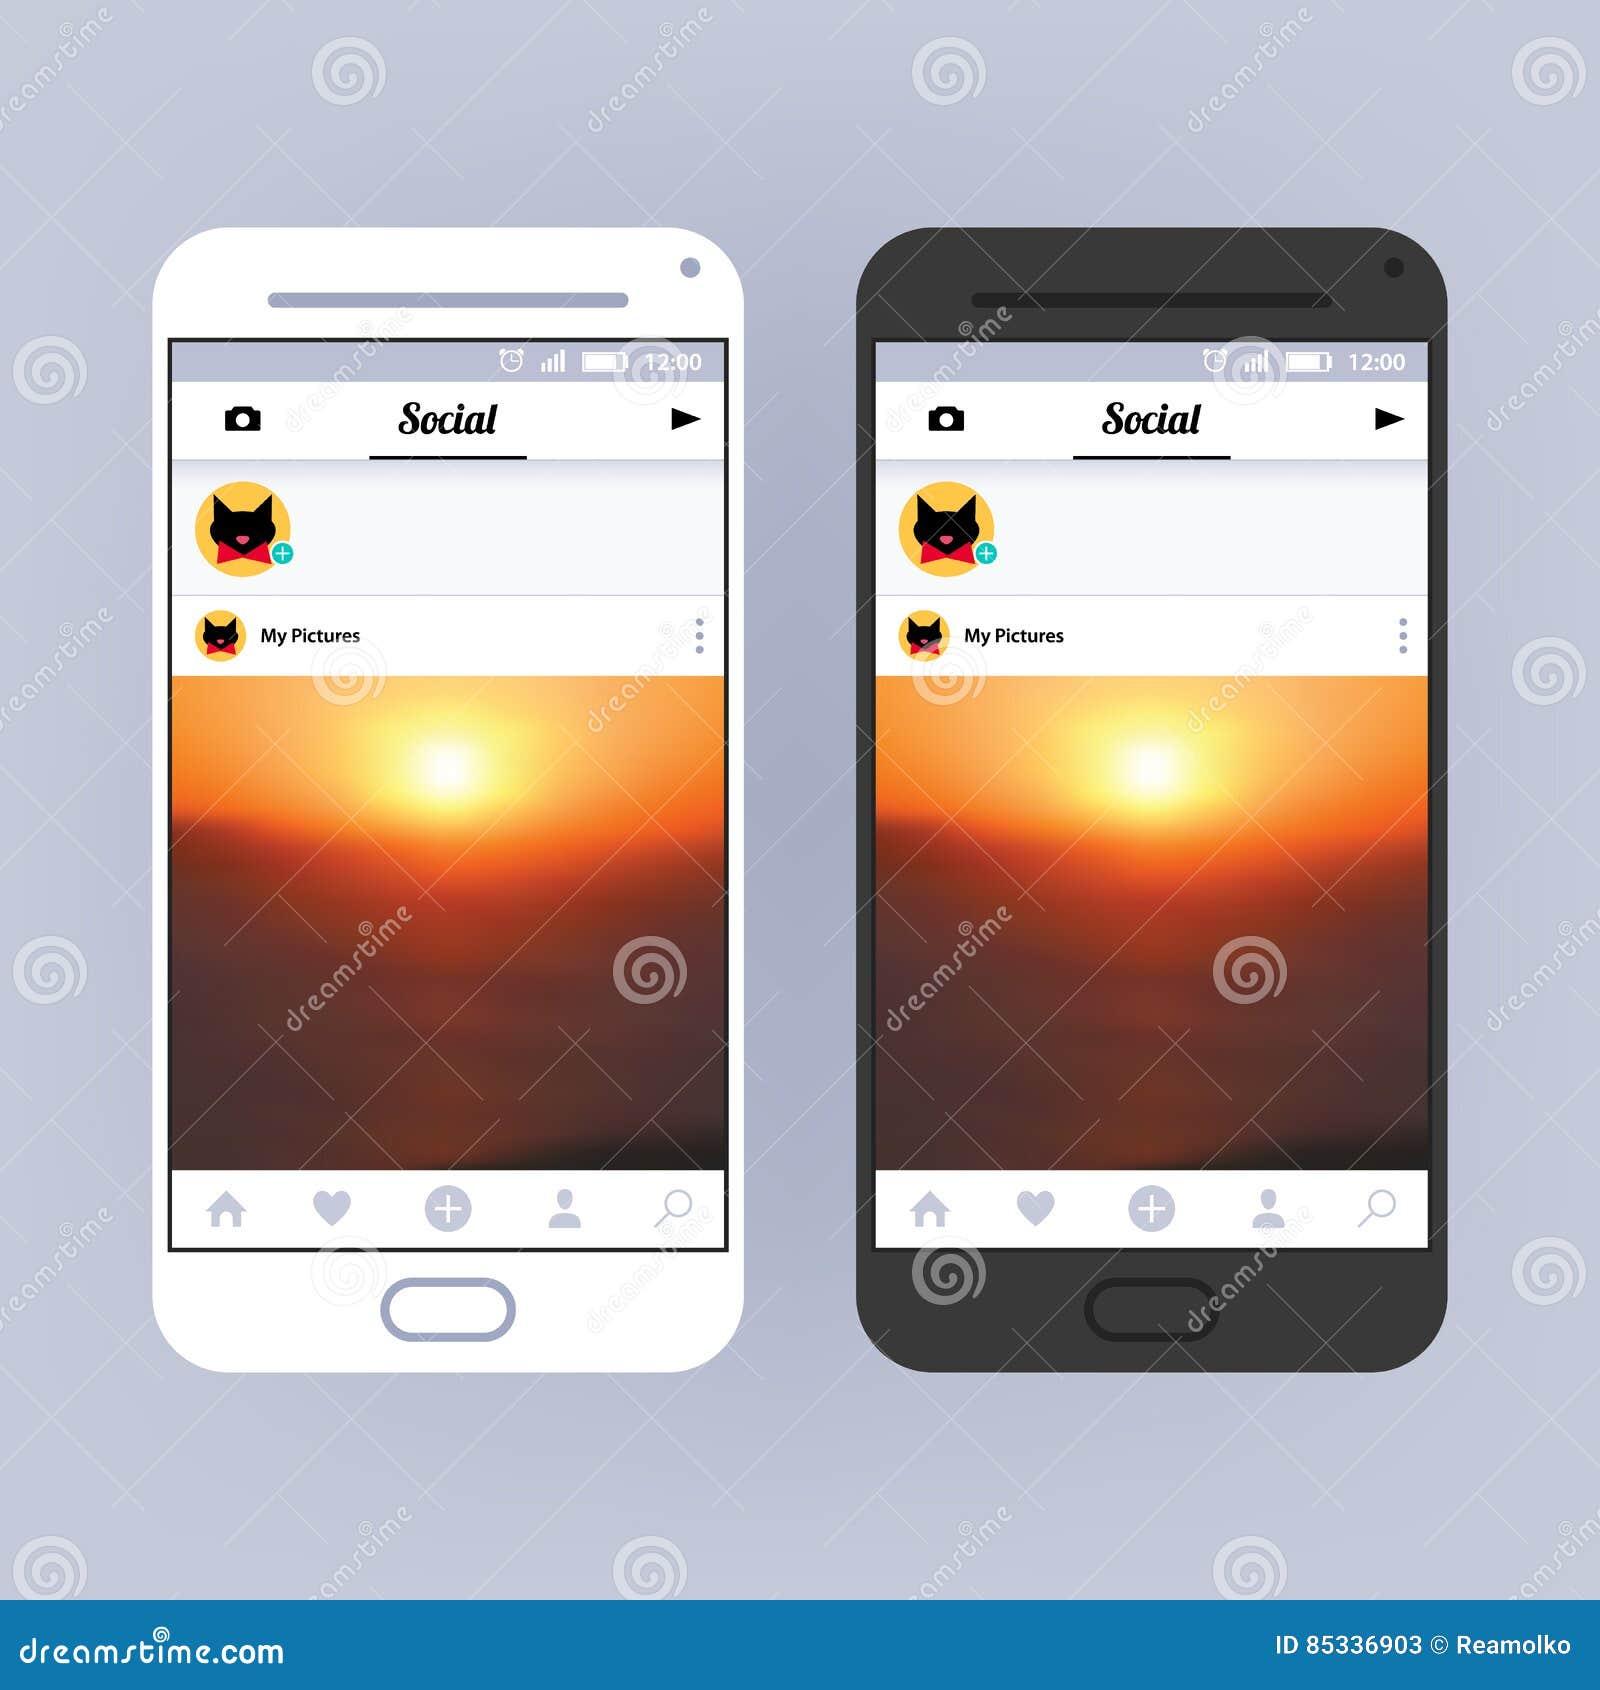 Rahmen Des Sozialen Netzes APP-Schnittstellendesign Foto, Das ...